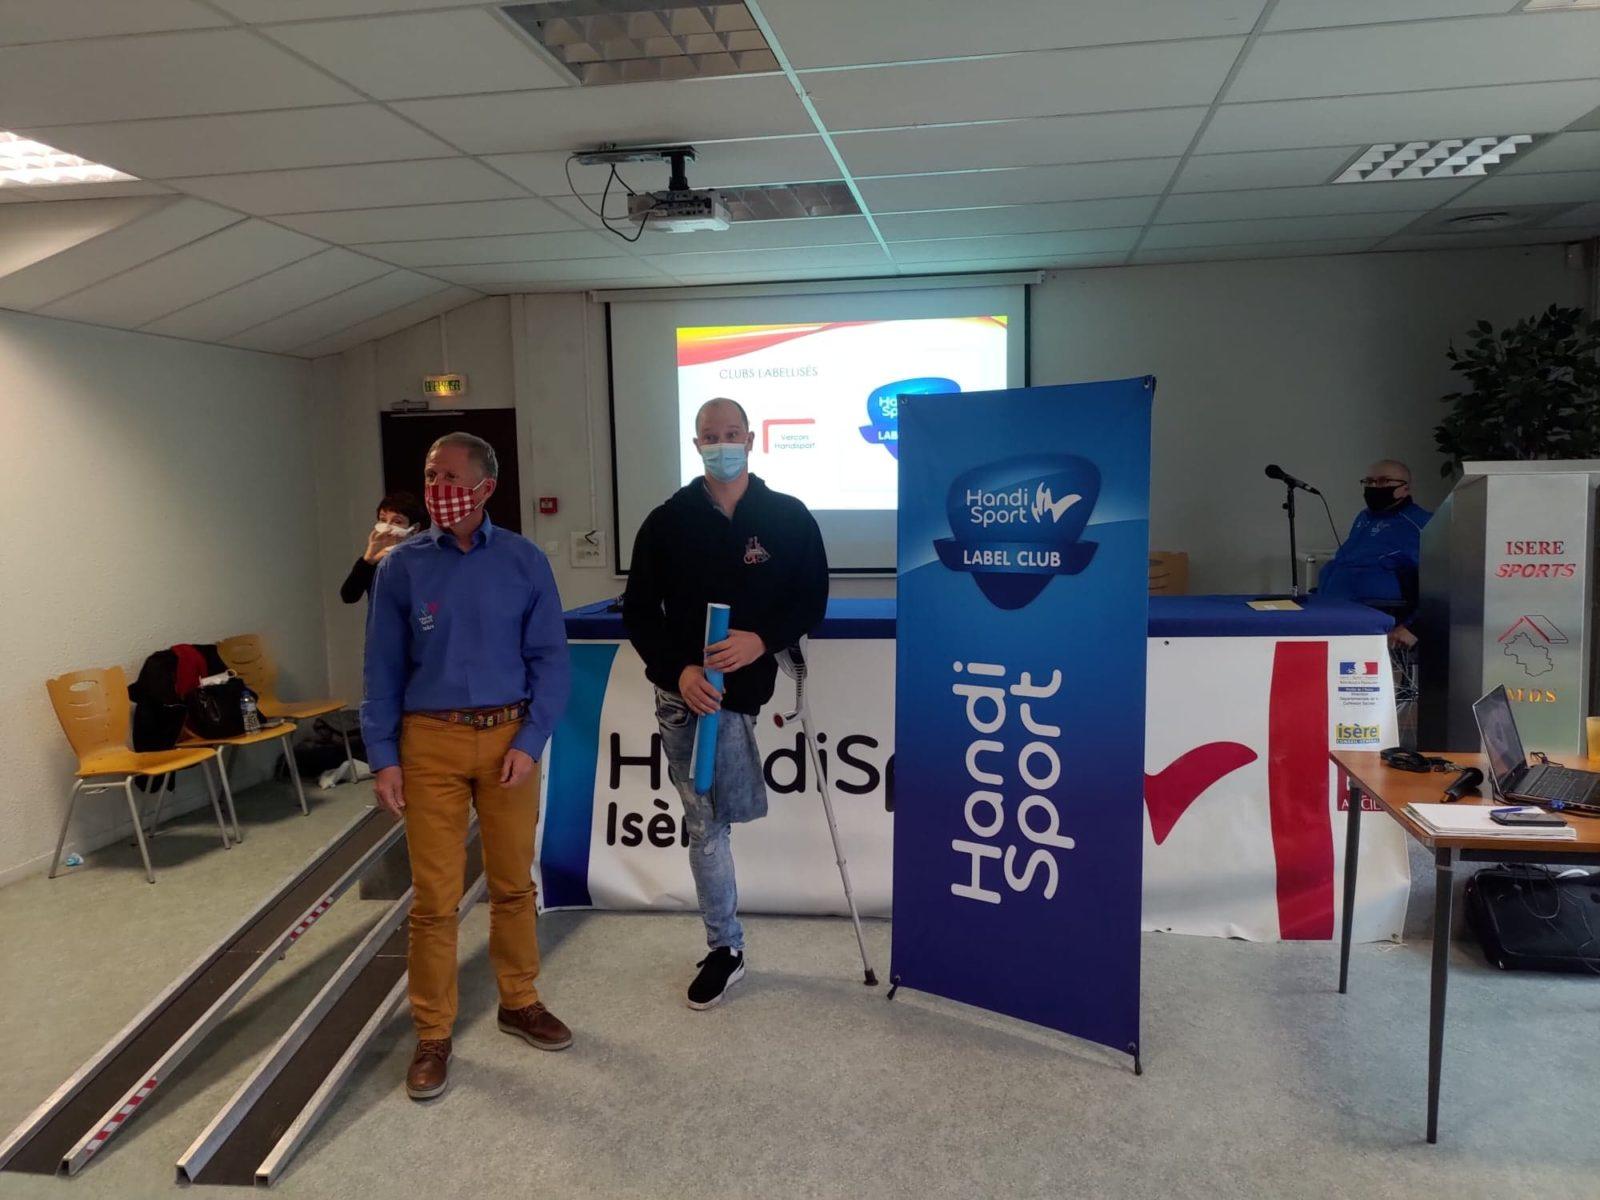 Comité Départemental Handisport de l'Isère